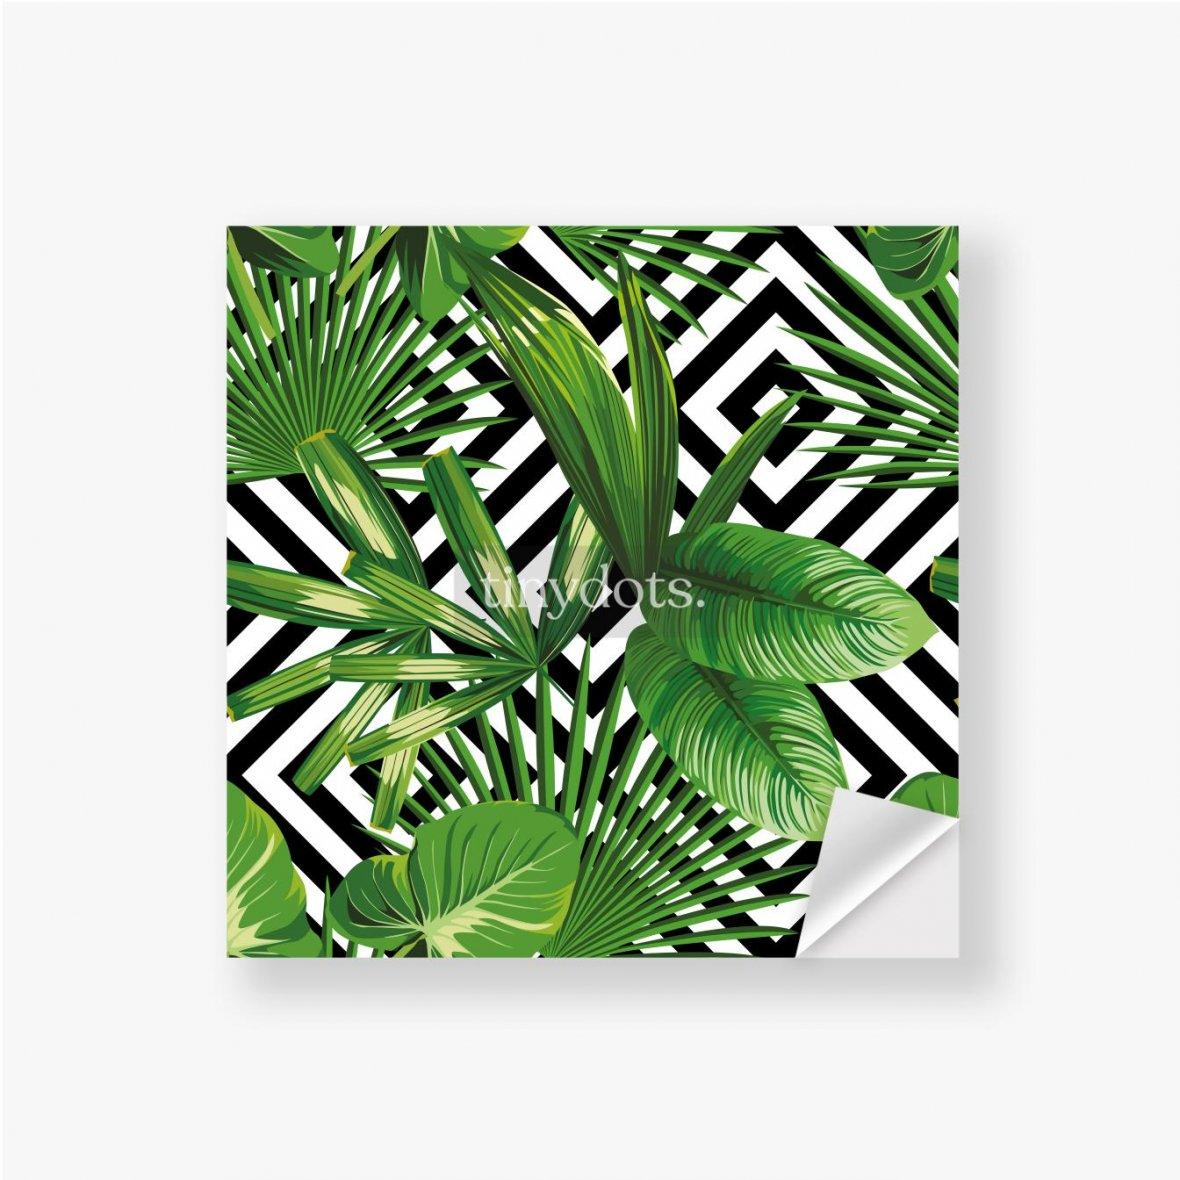 Aufkleber Exotisches Muster mit Blättern auf einem geometrischen Hintergrund